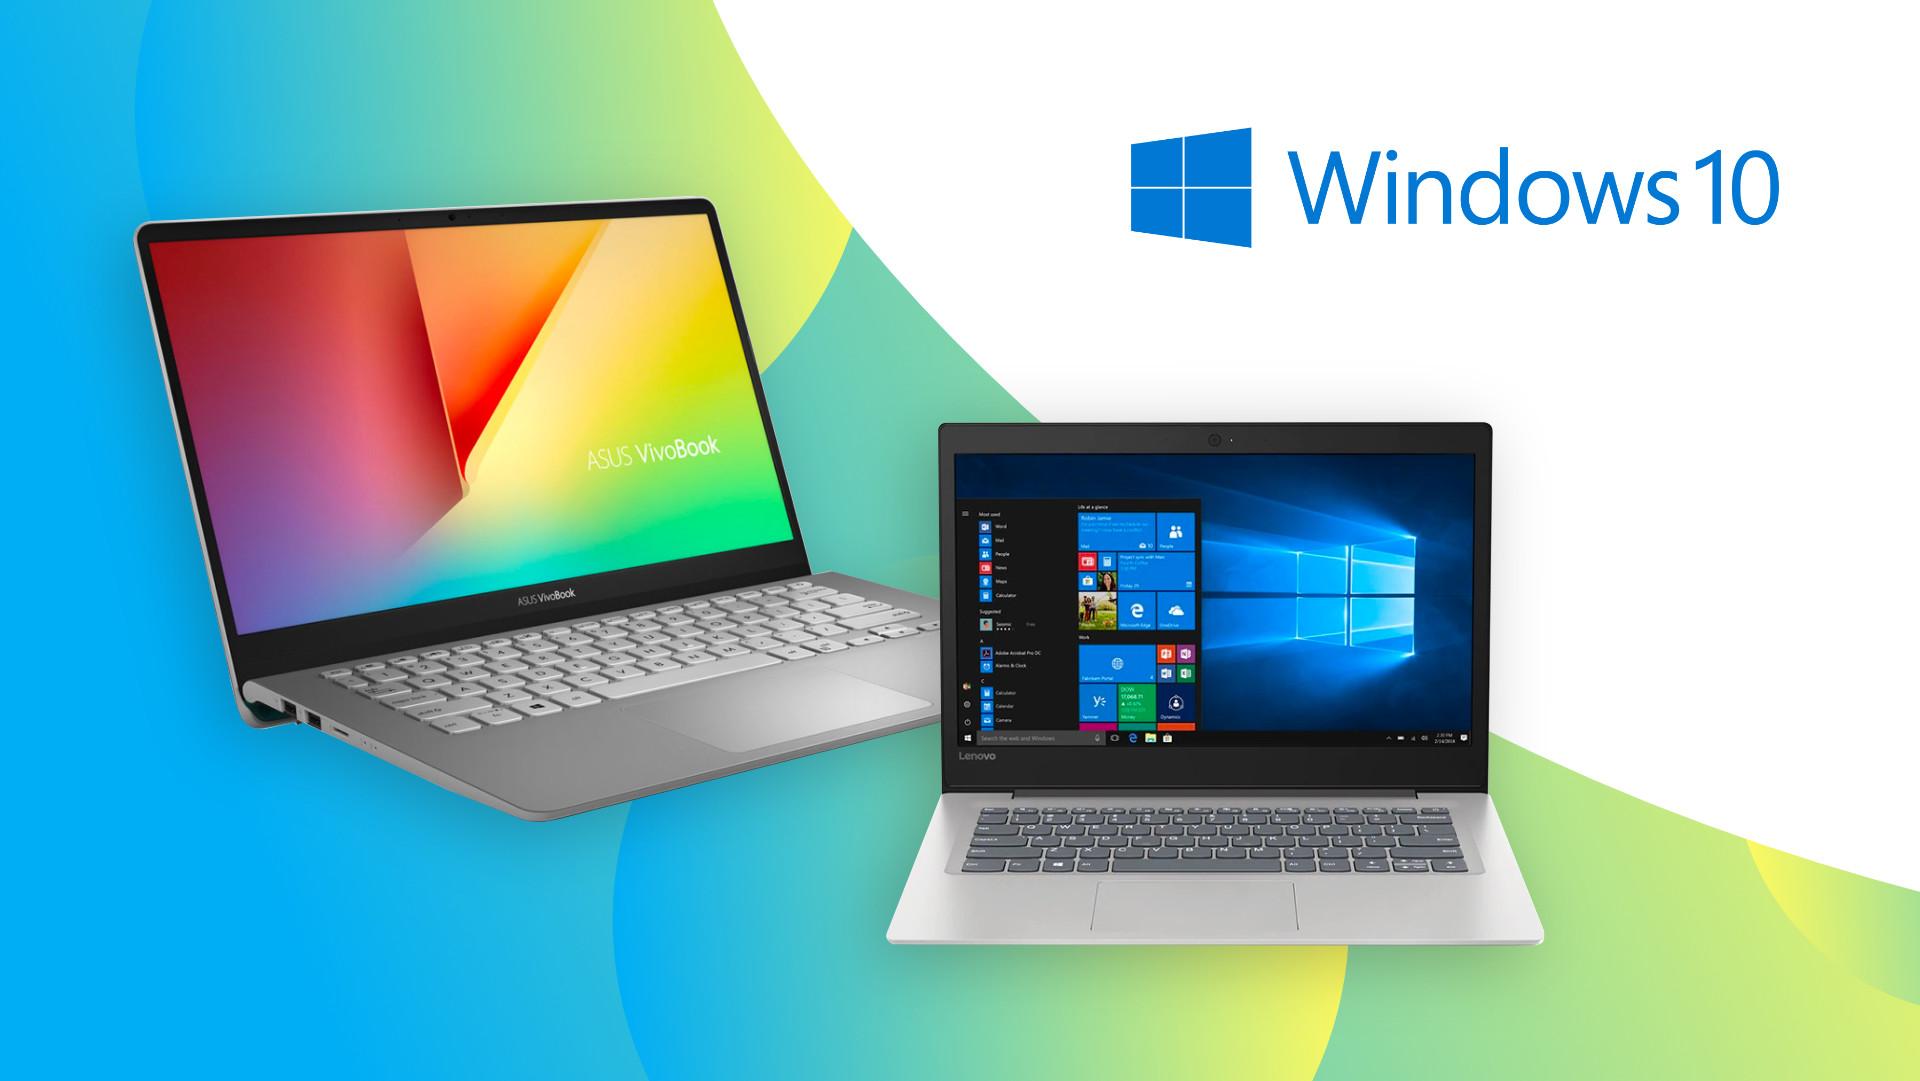 5 PC Windows 10 à moins de 500 euros à retrouver chez Fnac